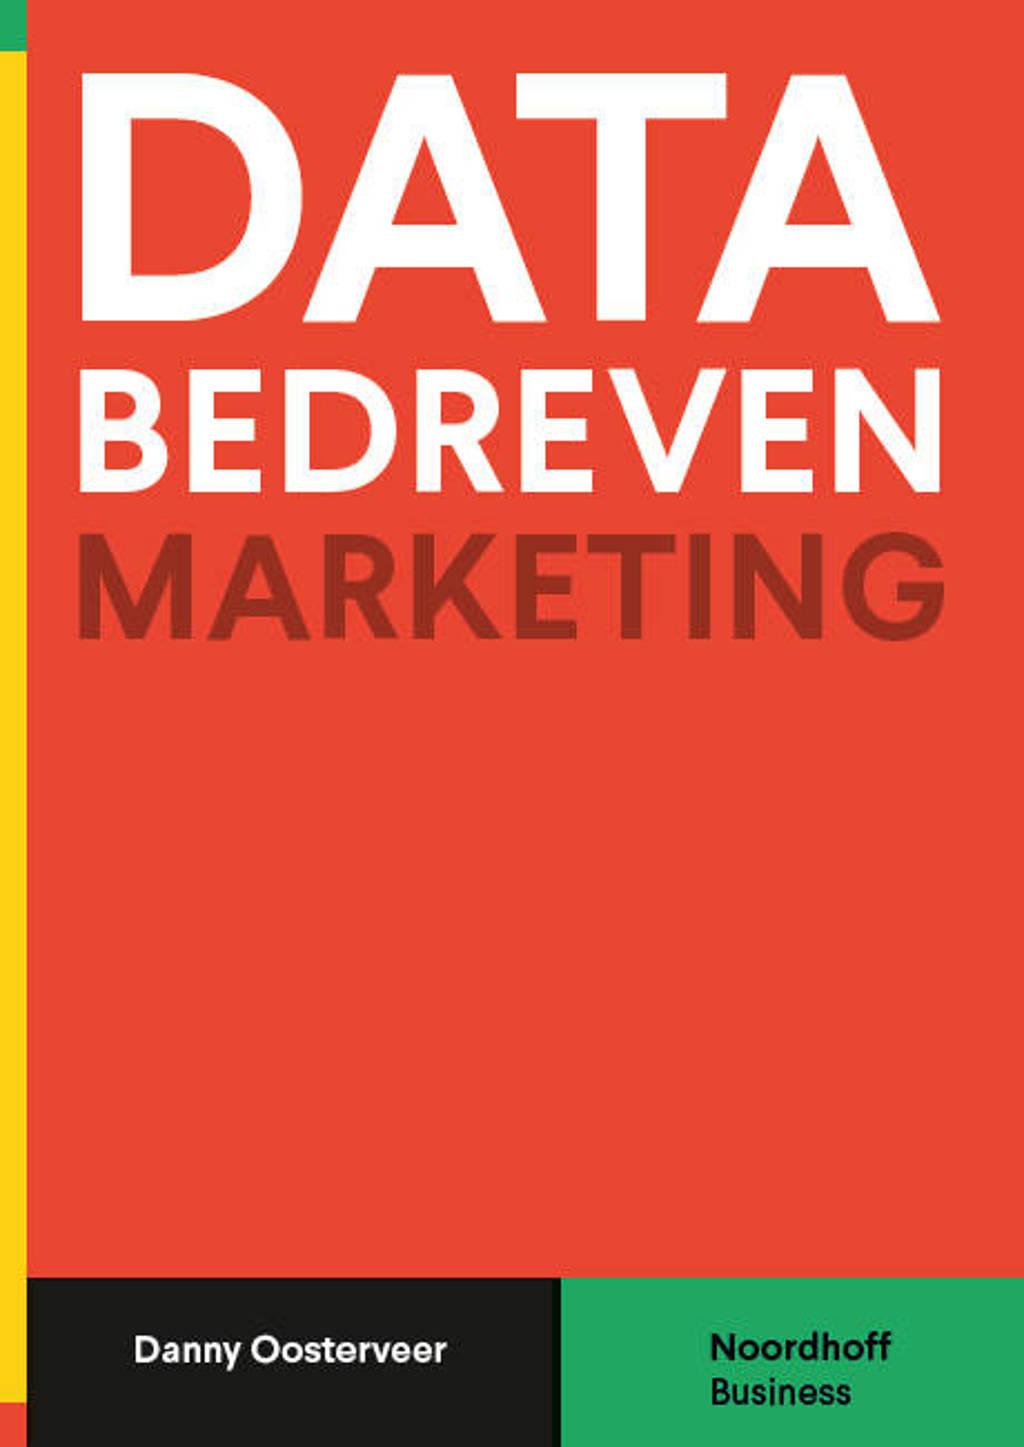 Databedreven marketing - Danny Oosterveer